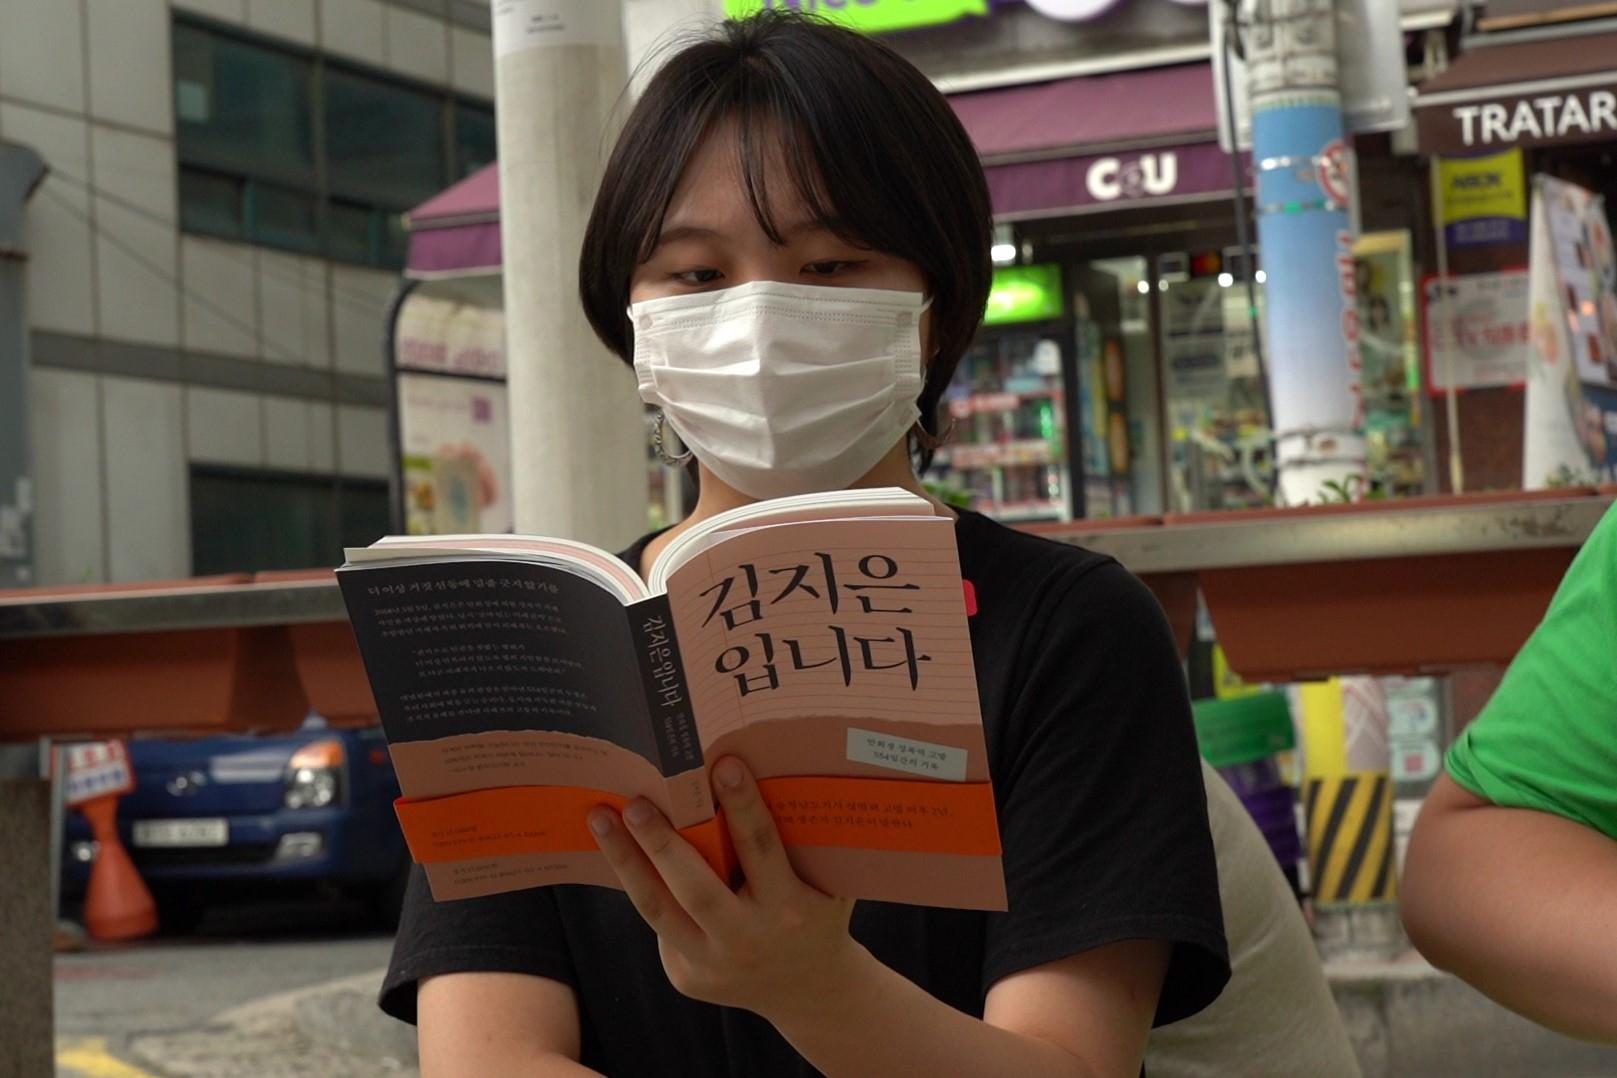 지난달 26일 서울 동대문구 외대앞역 광장에서 '김지은입니다' 독서회 참가자가 책을 읽고 있다. 백경민 인턴